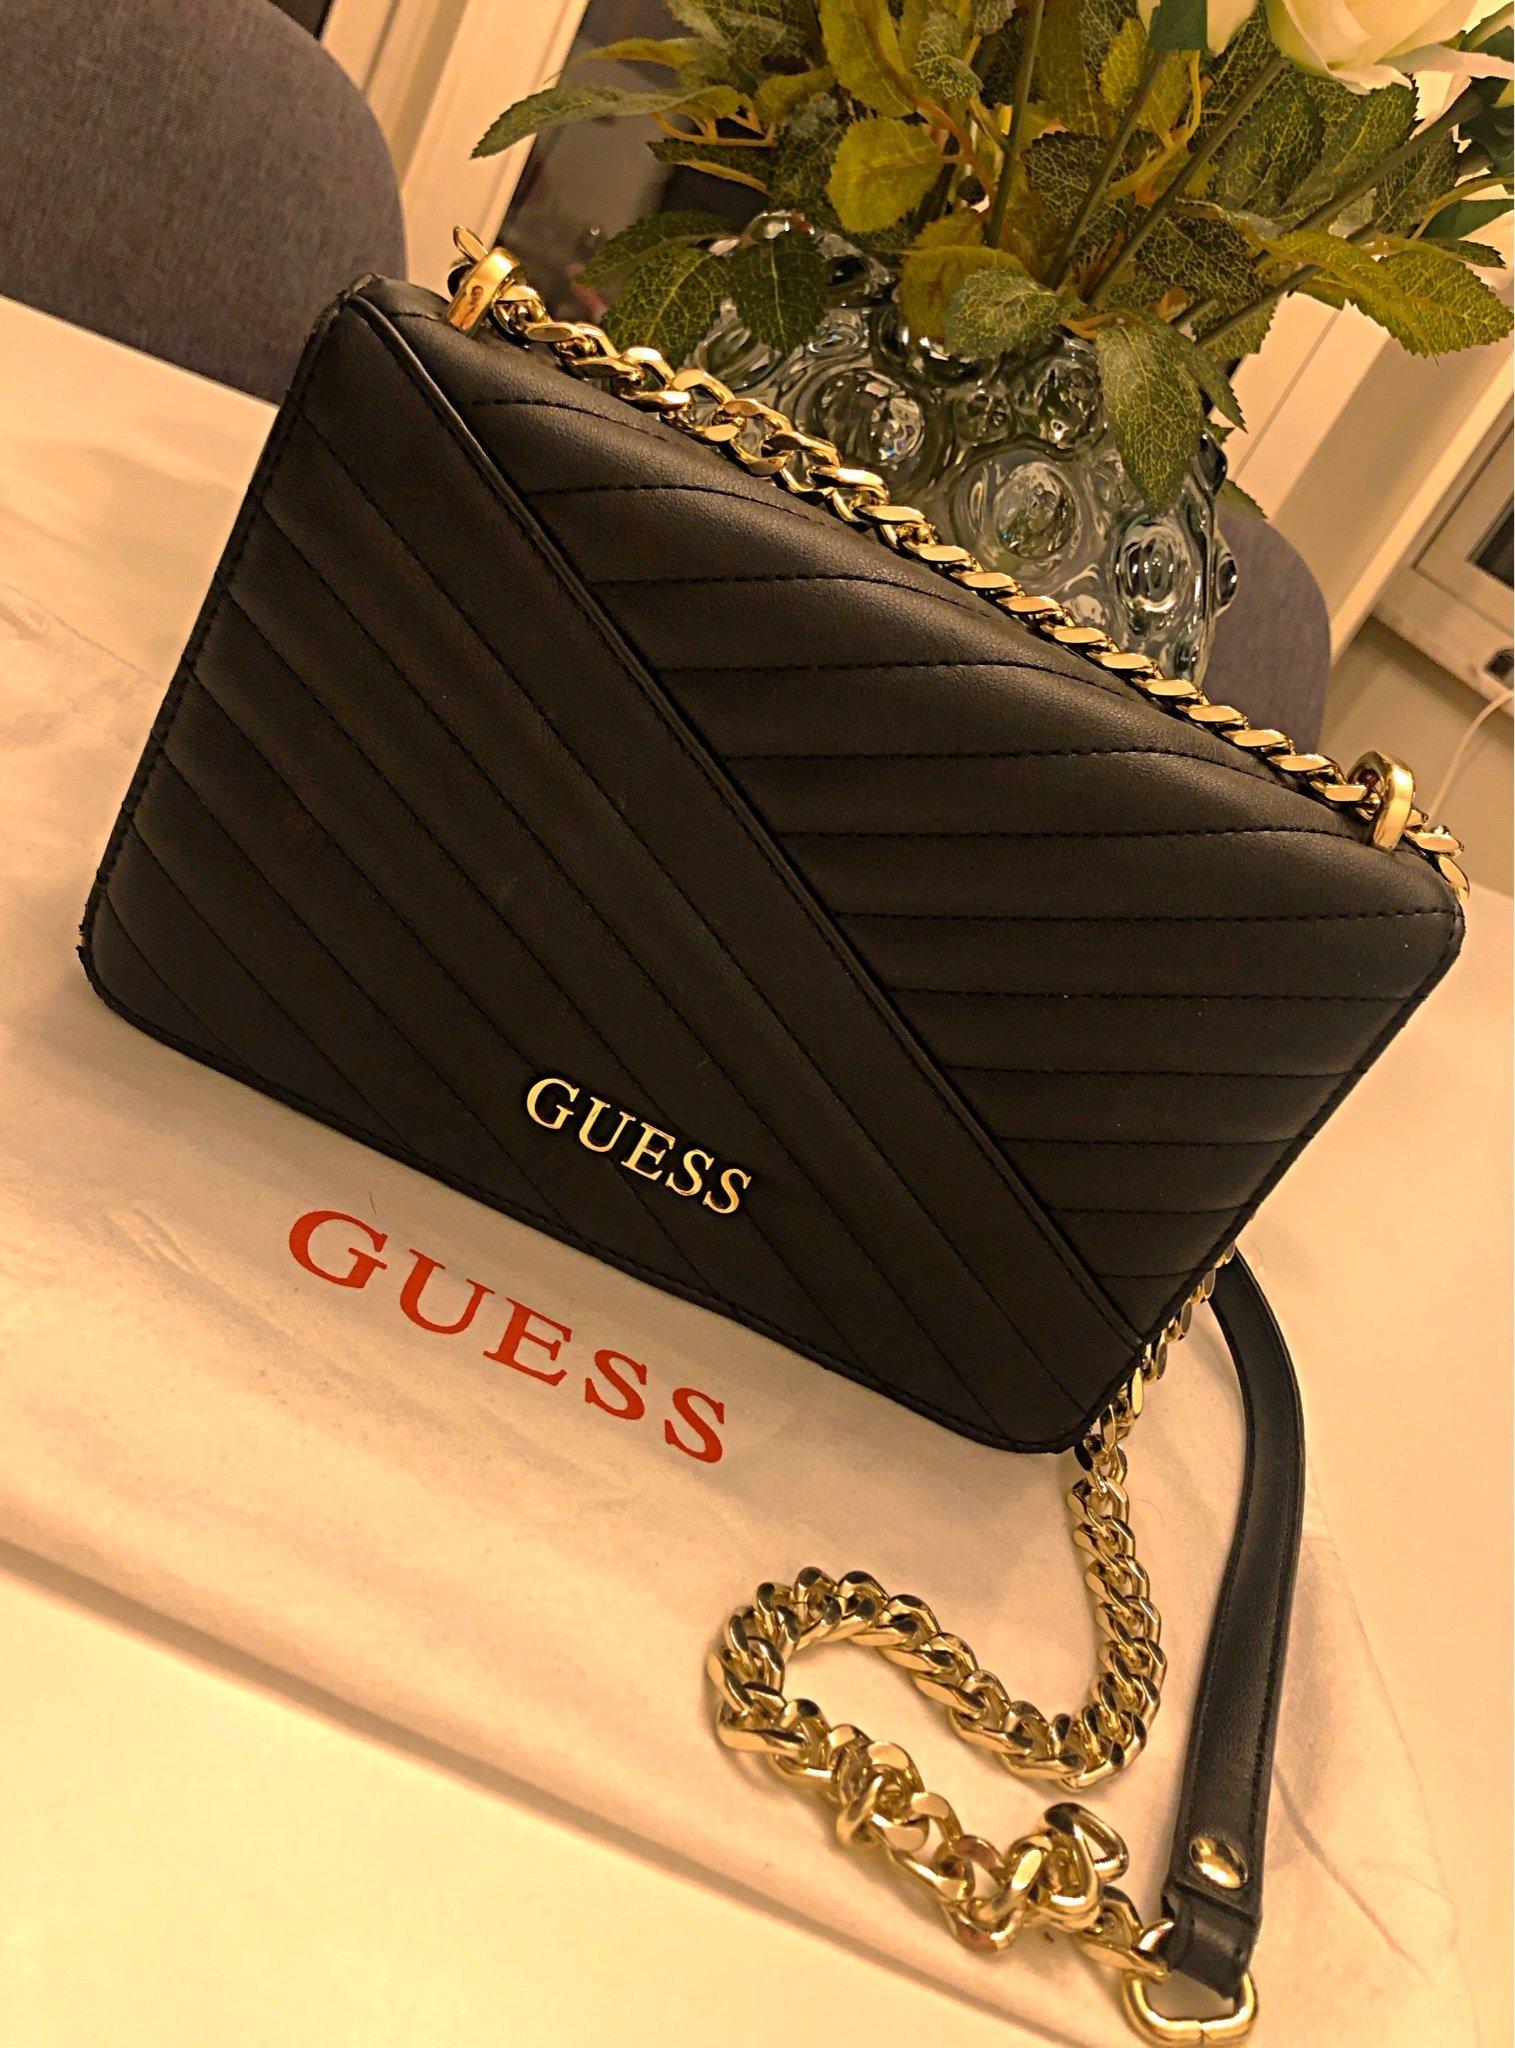 Guess väska (387056069) ᐈ Köp på Tradera